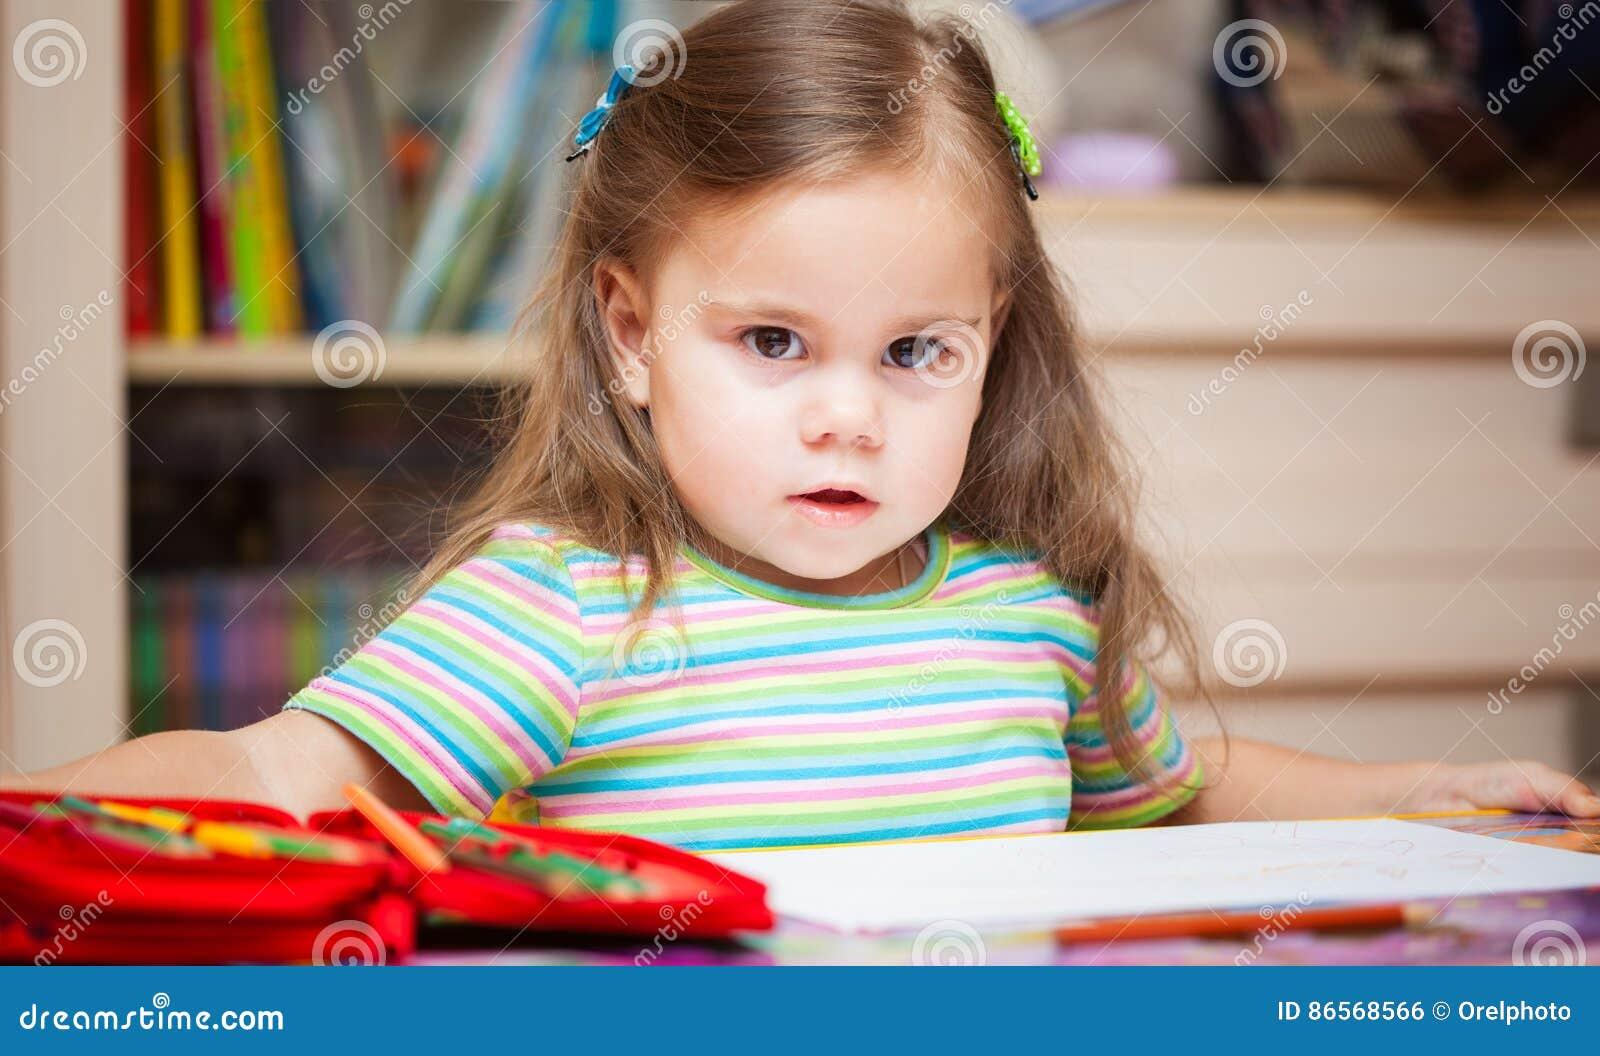 Szczęśliwy mała dziewczynka rysunek z ołówkami